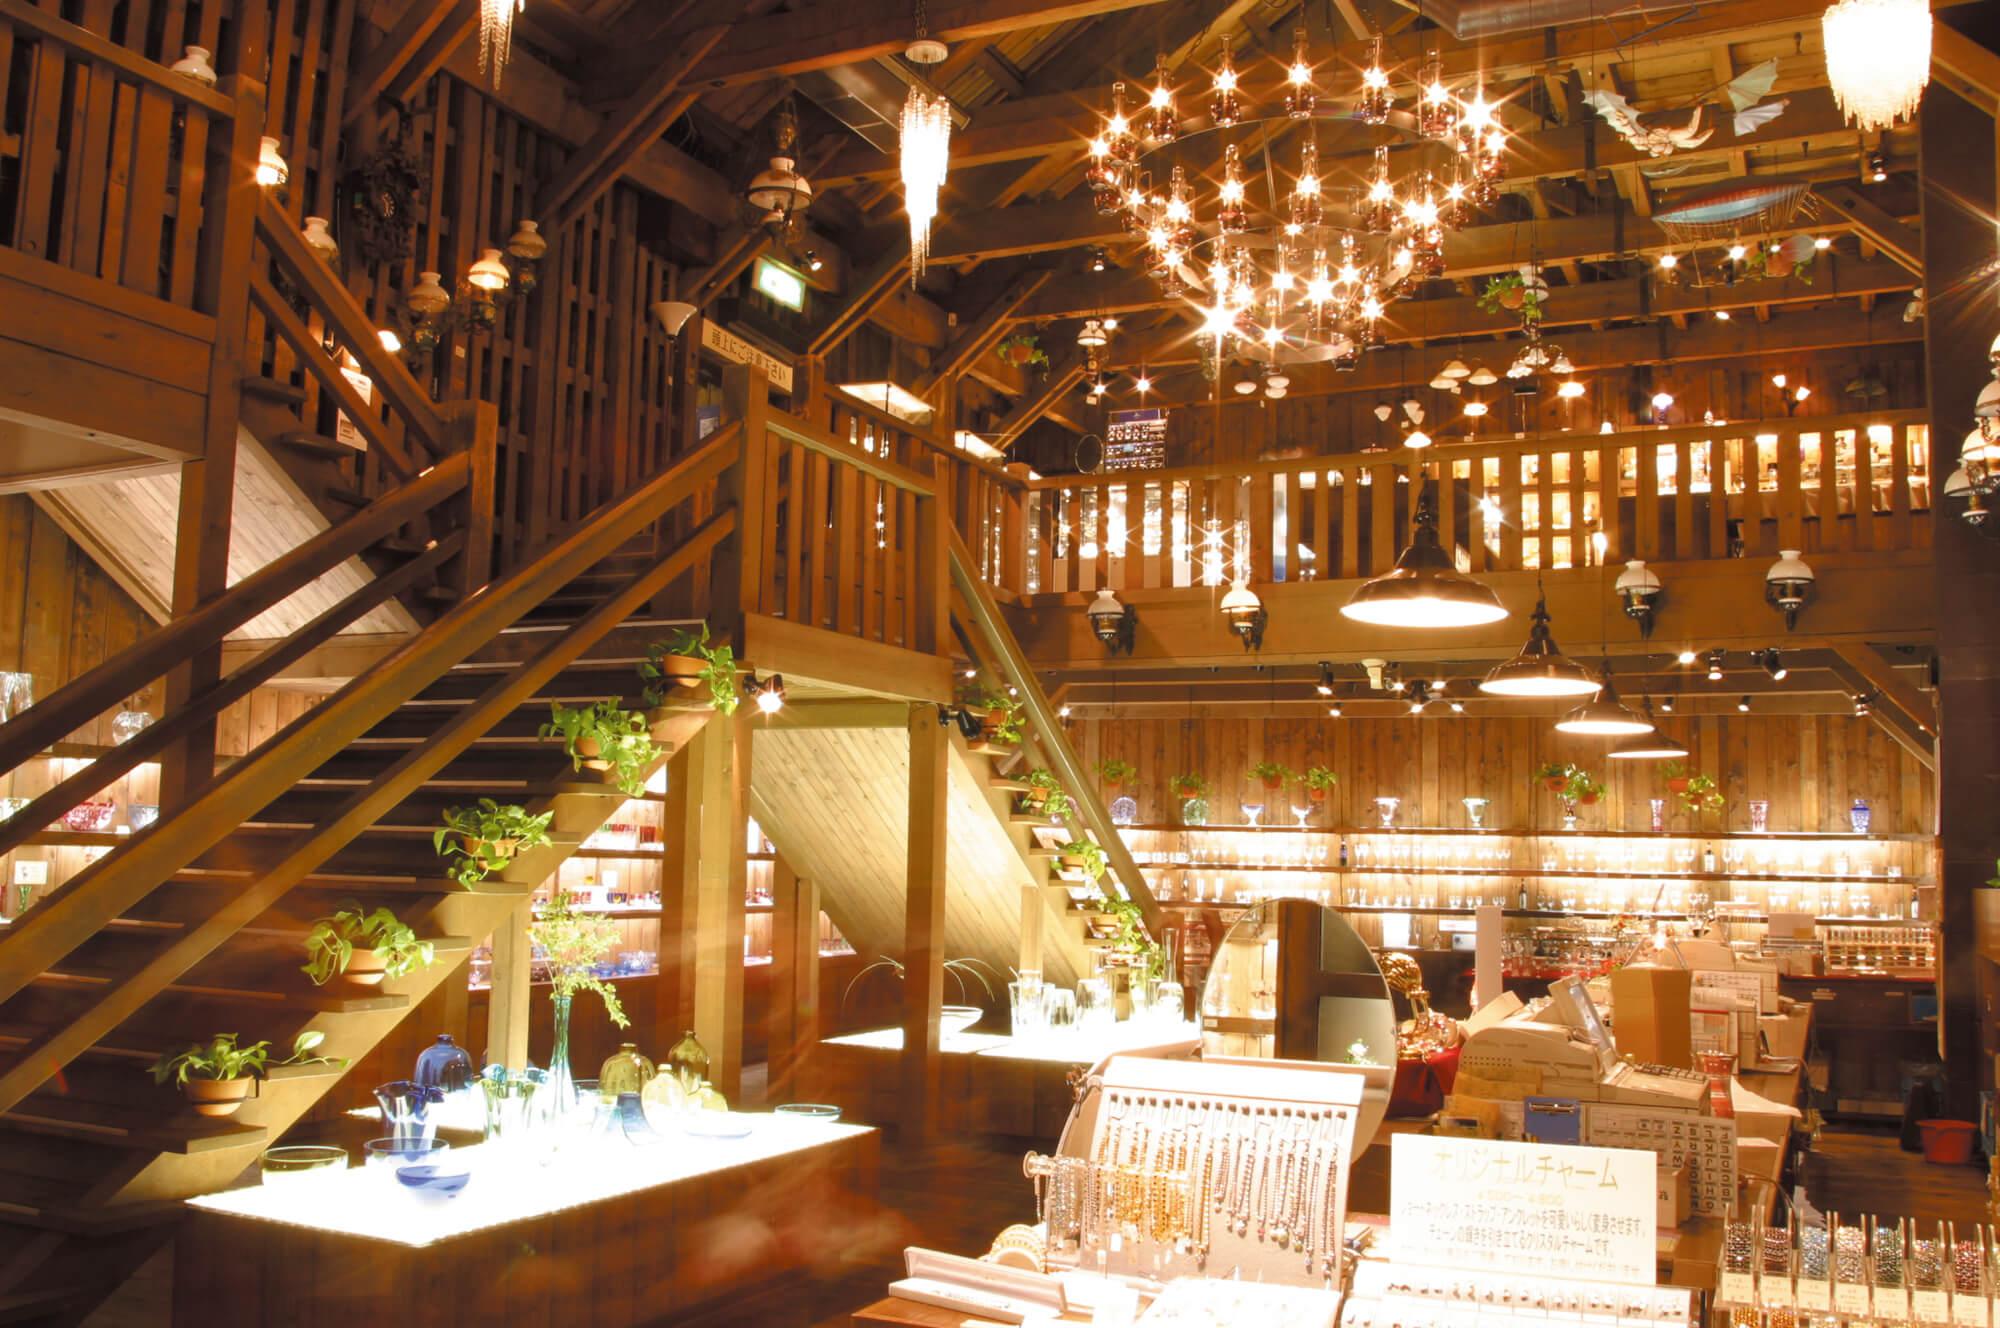 明治時期漁業用倉庫改建咖啡廳「北一硝子三號館 北一廳」